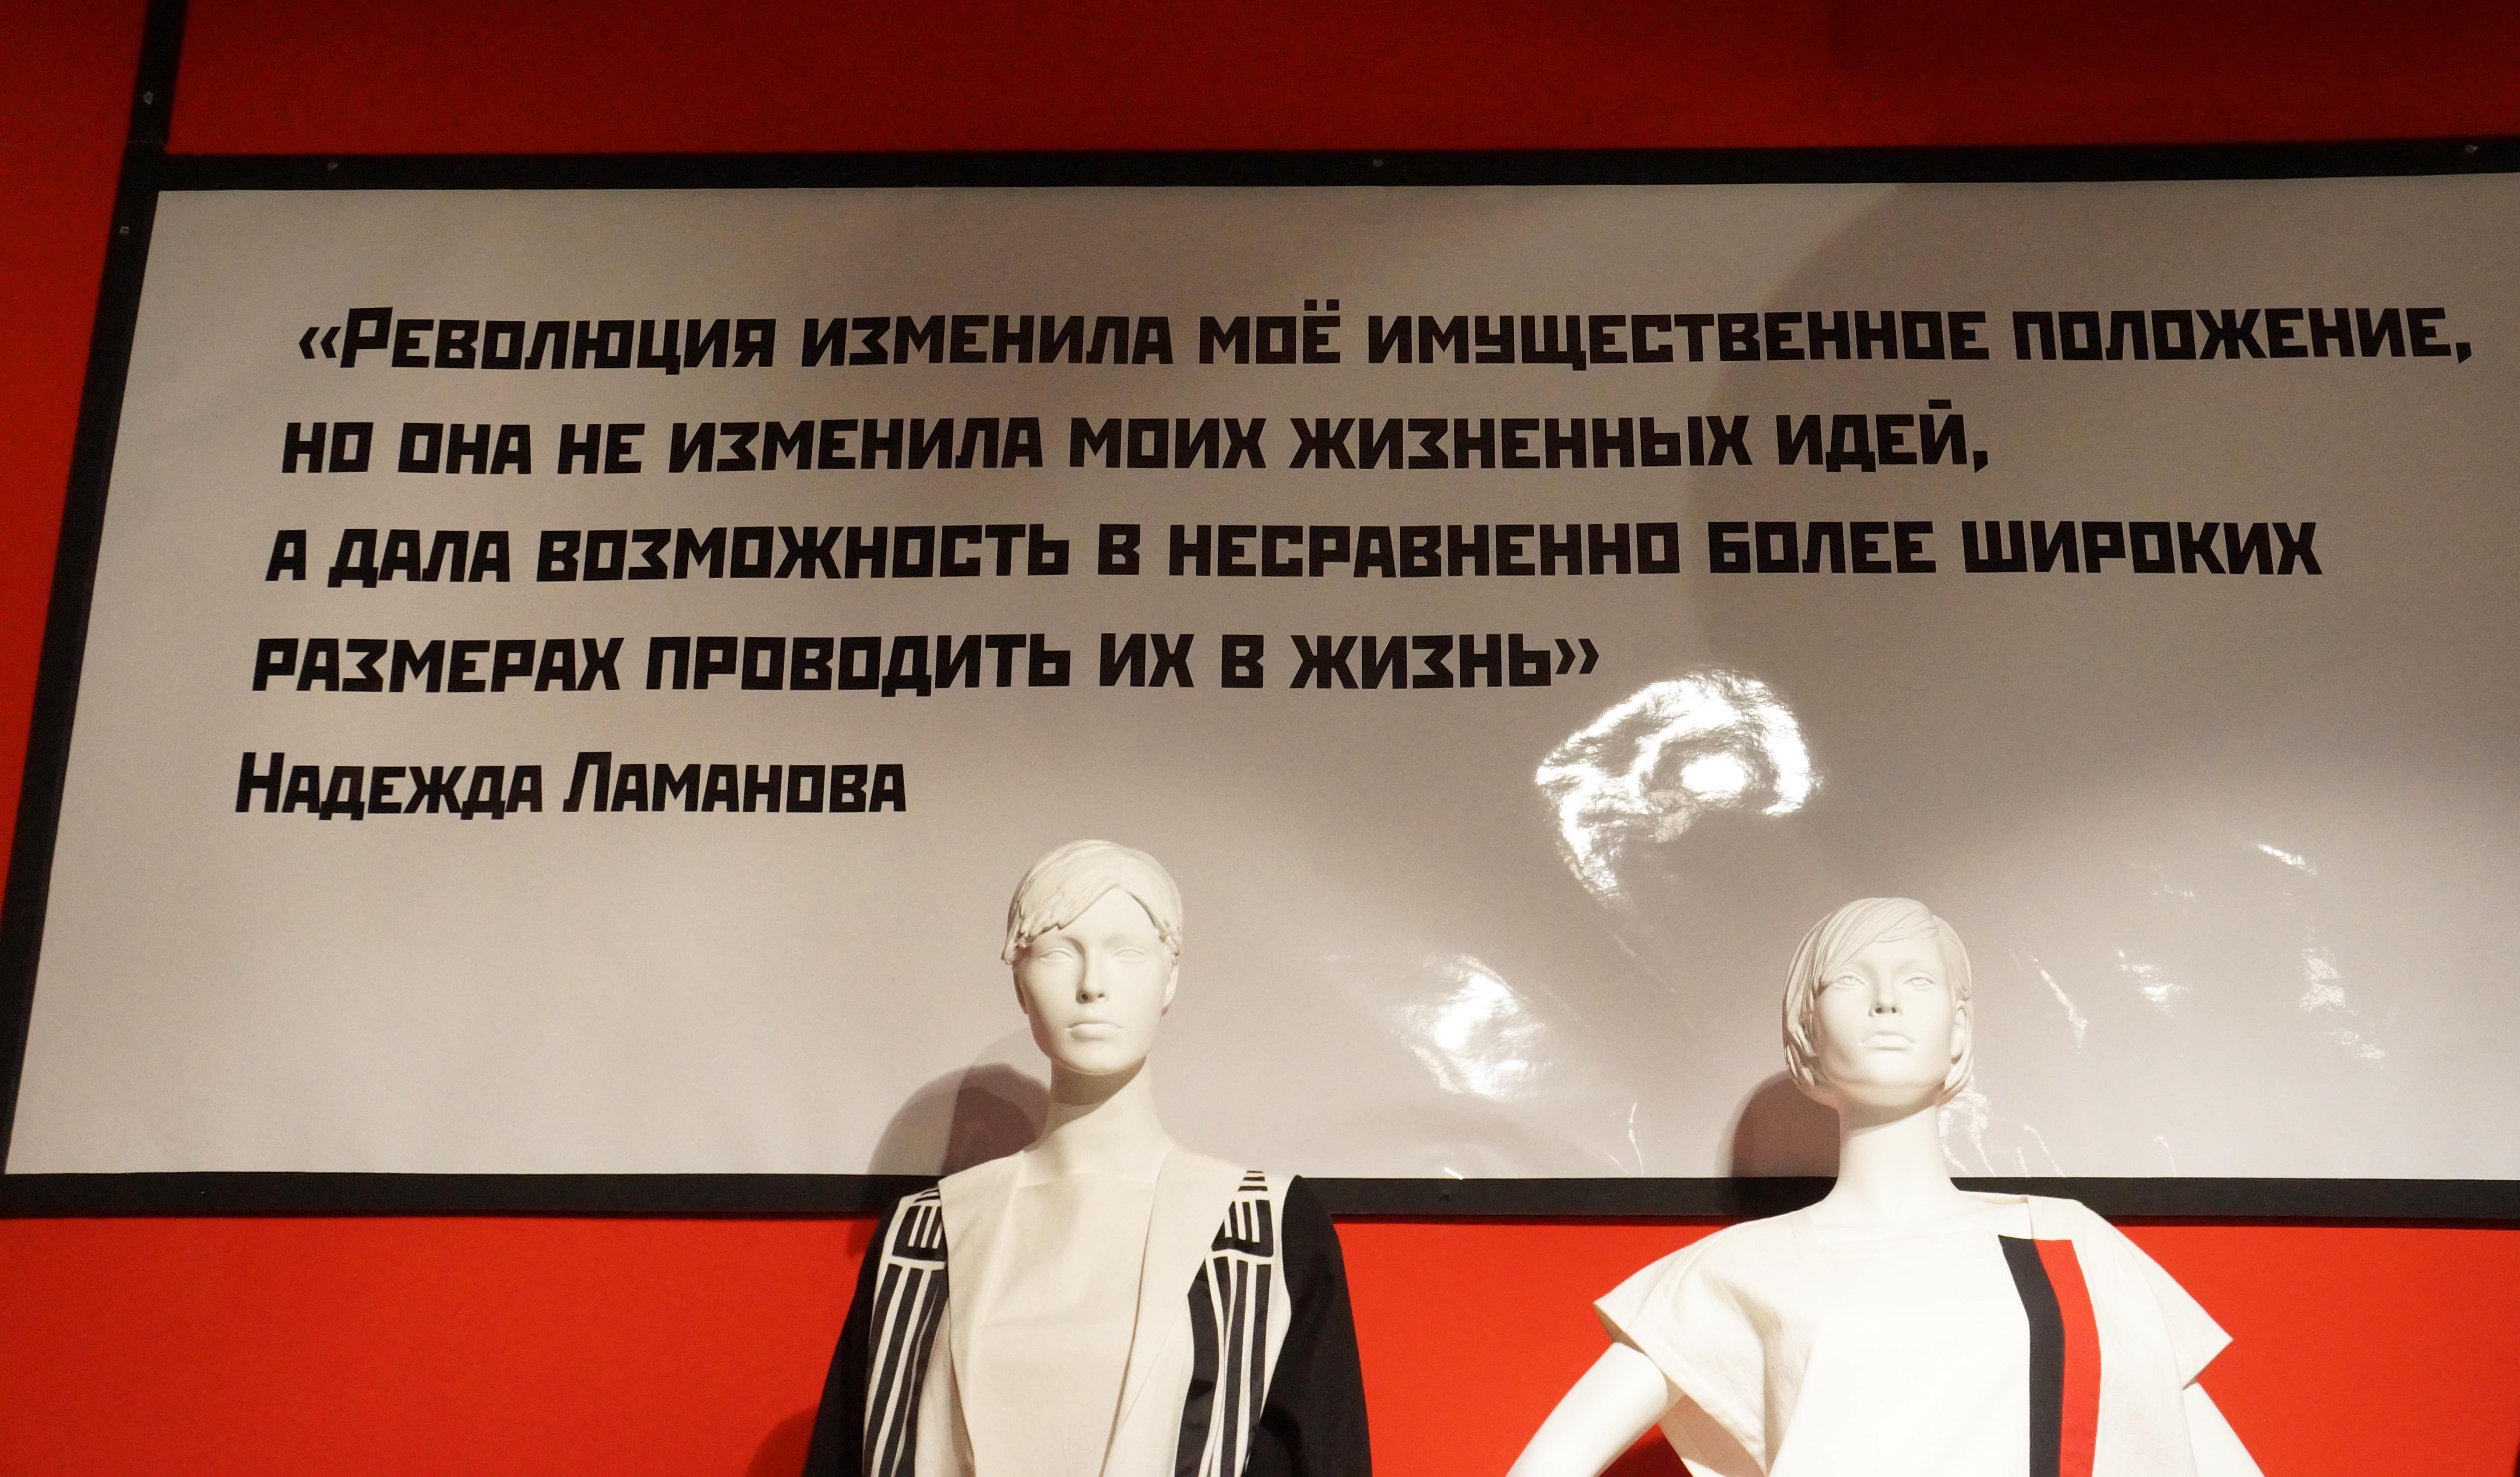 Photo of Гений в юбке: модная революция в галерее «Беляево» надежда ламанова модельер Гений в юбке: модная революция в галерее «Беляево» DSC04325